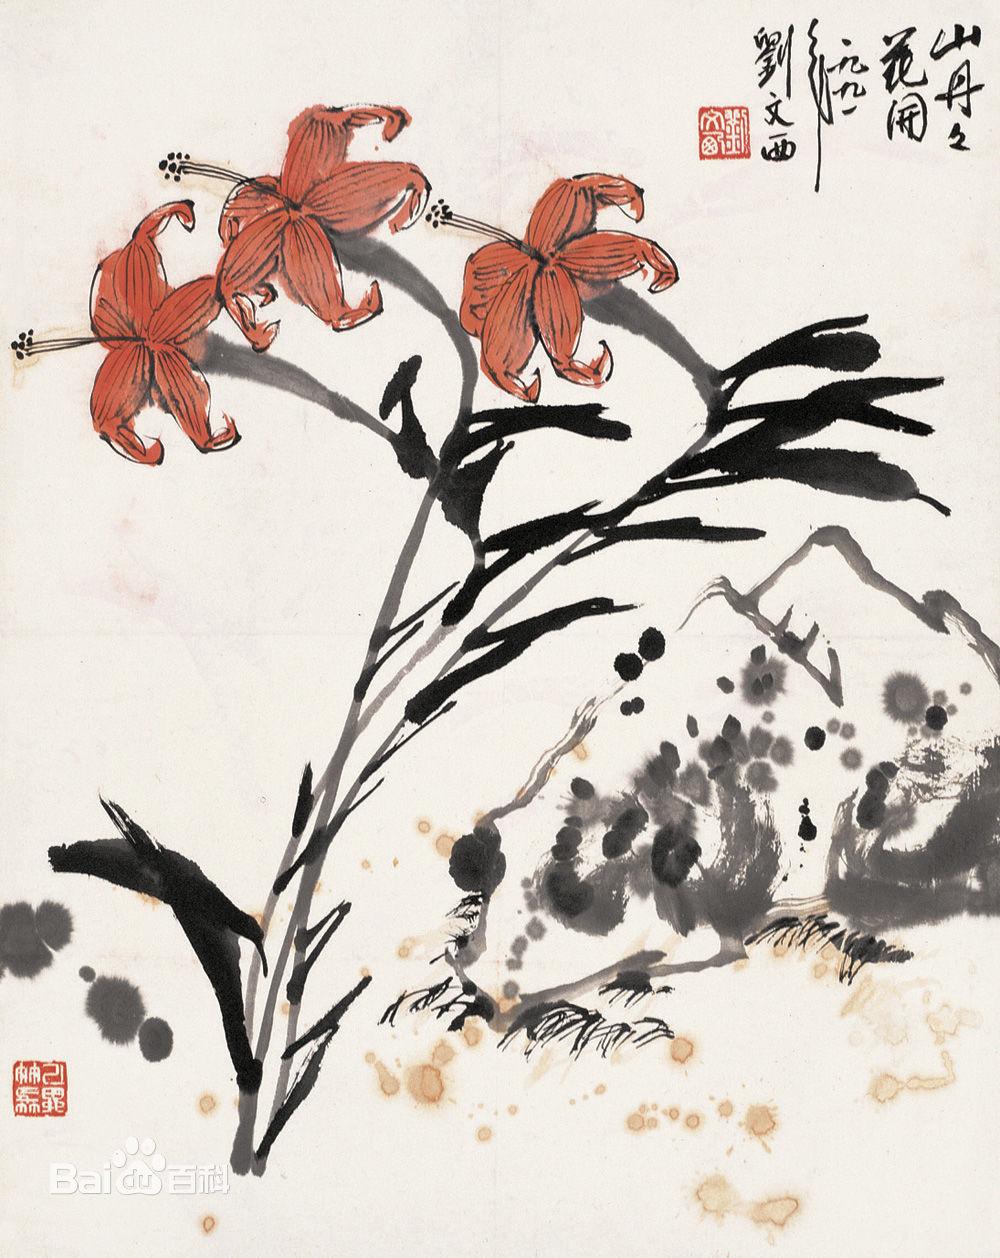 黄土画派刘文西